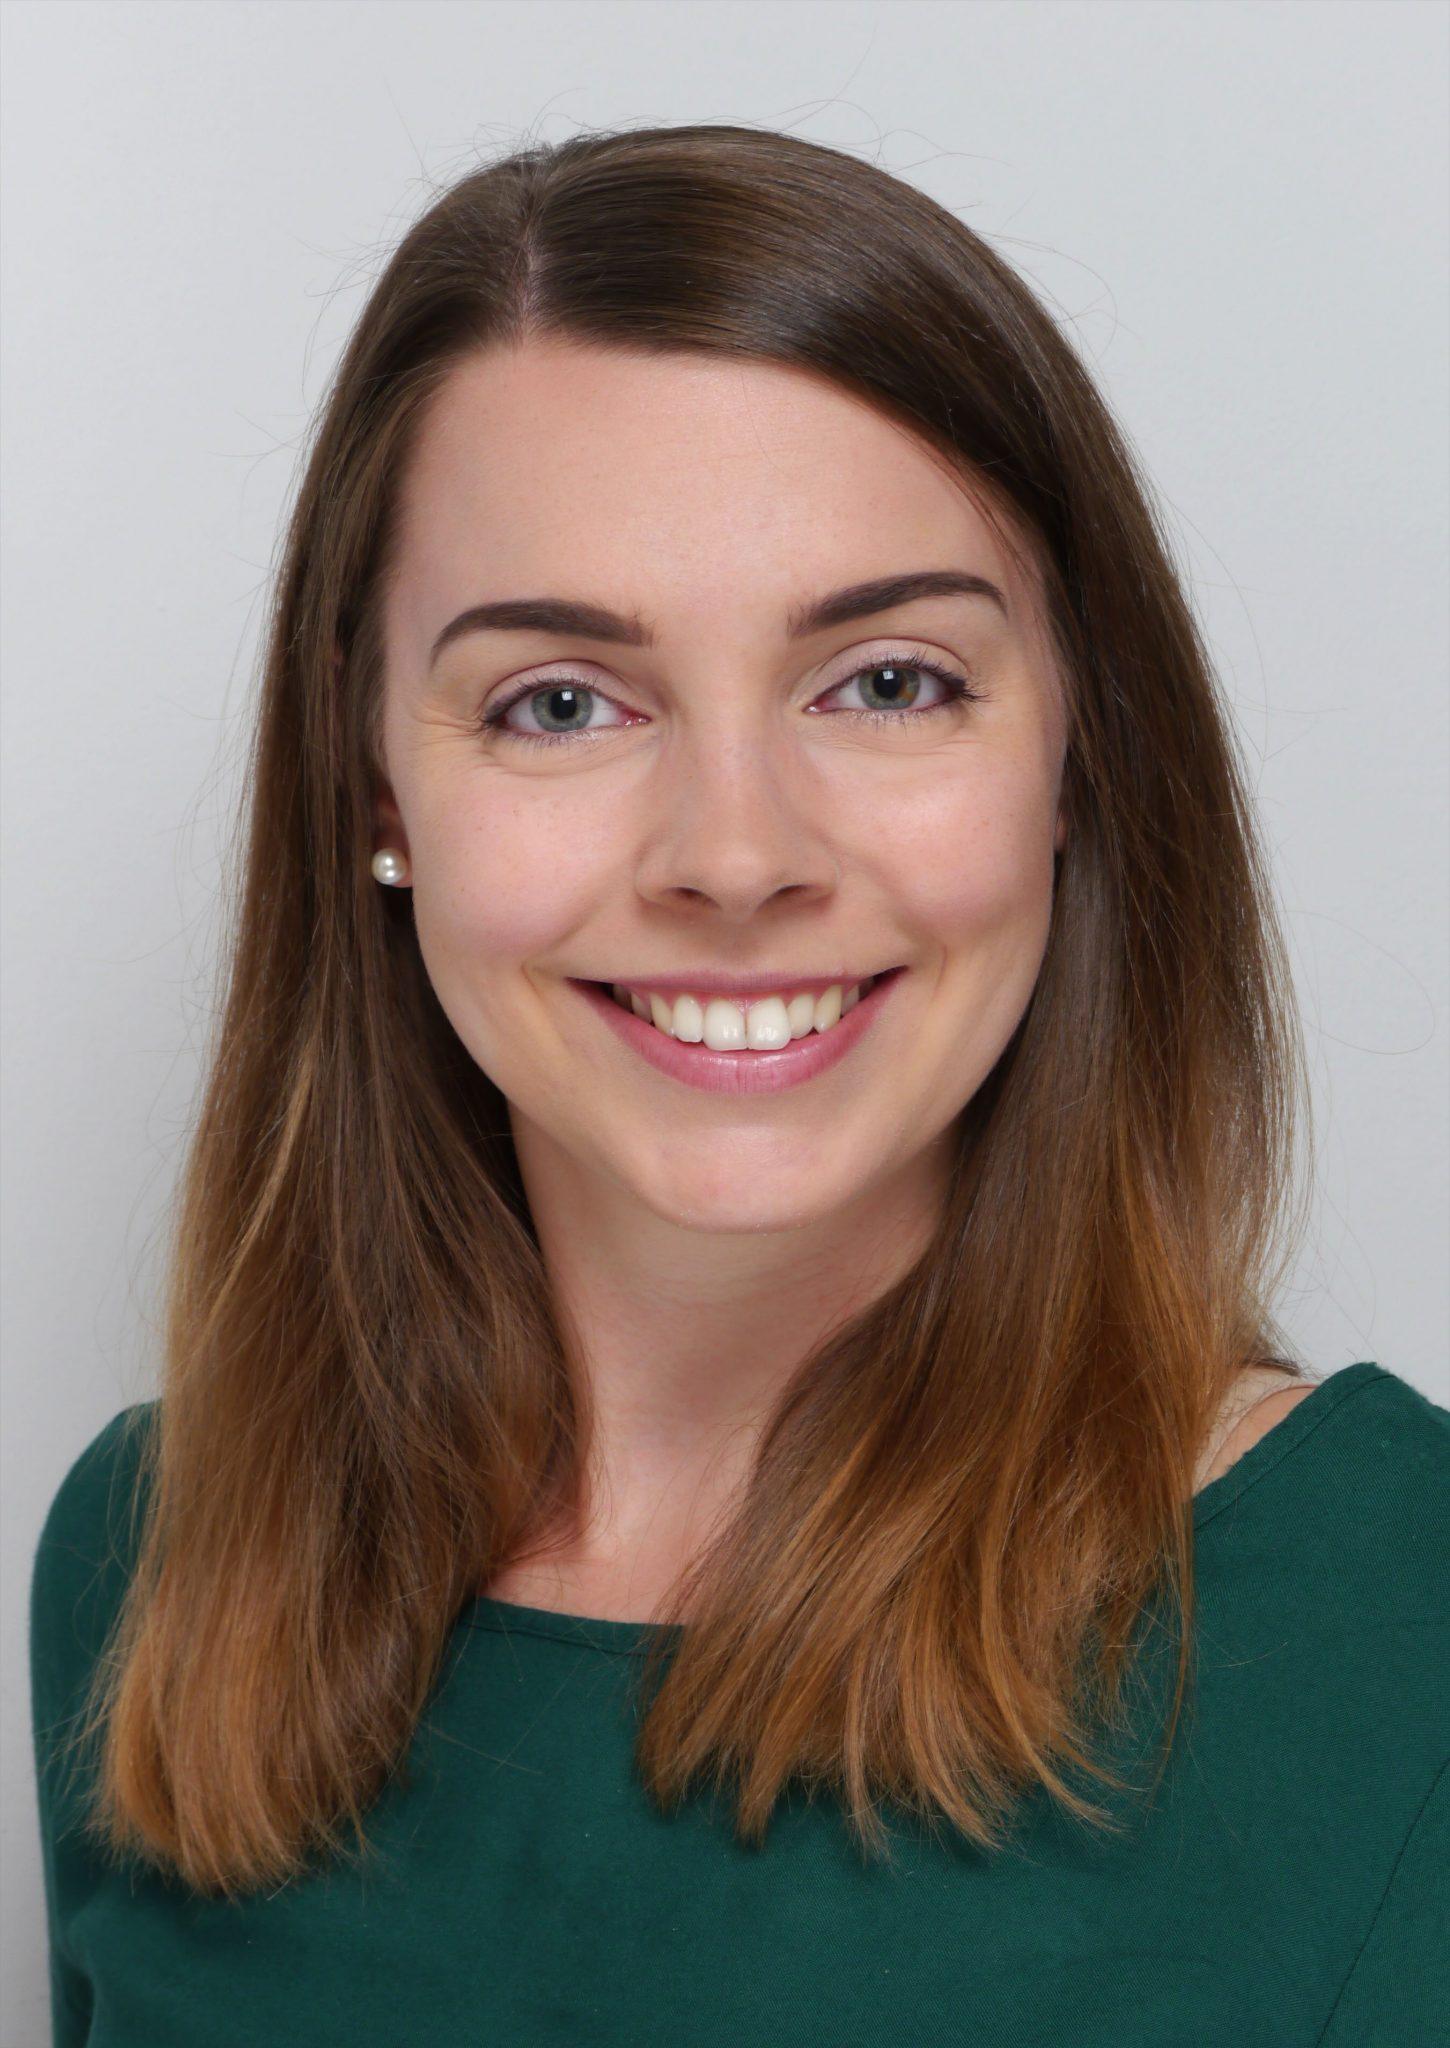 Selina Schmidt